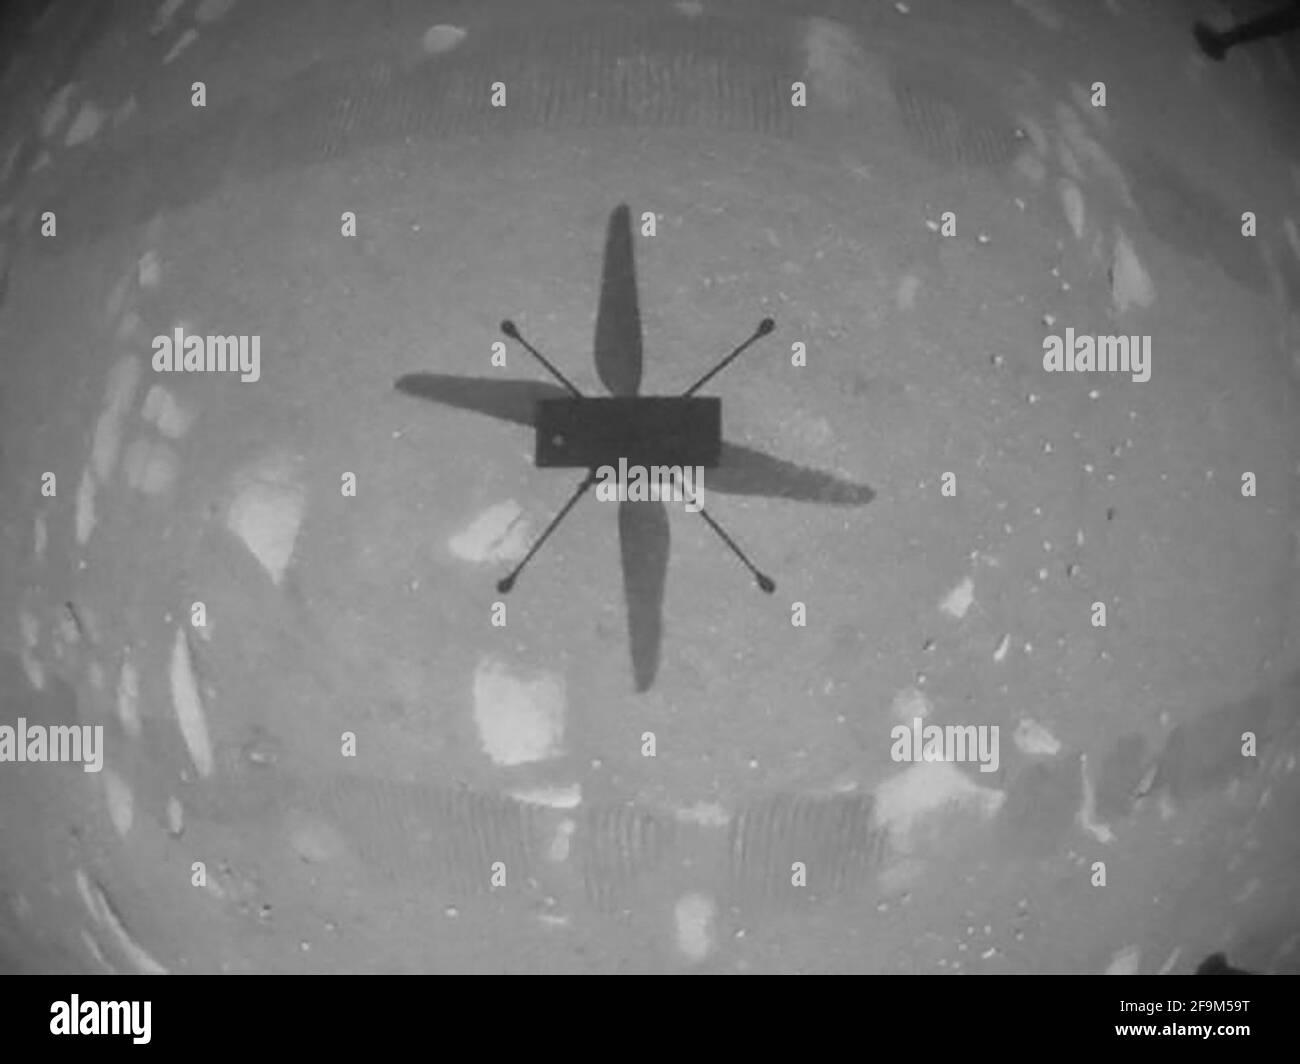 L'hélicoptère Ingenuity Mars de la NASA a capturé ce cliché alors qu'il survolait la surface martienne le 19 avril 2021, lors de la première occurrence d'un vol motorisé et contrôlé sur une autre planète. Il a utilisé sa caméra de navigation, qui suit le sol de manière autonome pendant le vol. Document photo par JPL-Caltech/NASA viaABACAPRESS.COM crédit: Abaca Press/Alay Live News Banque D'Images